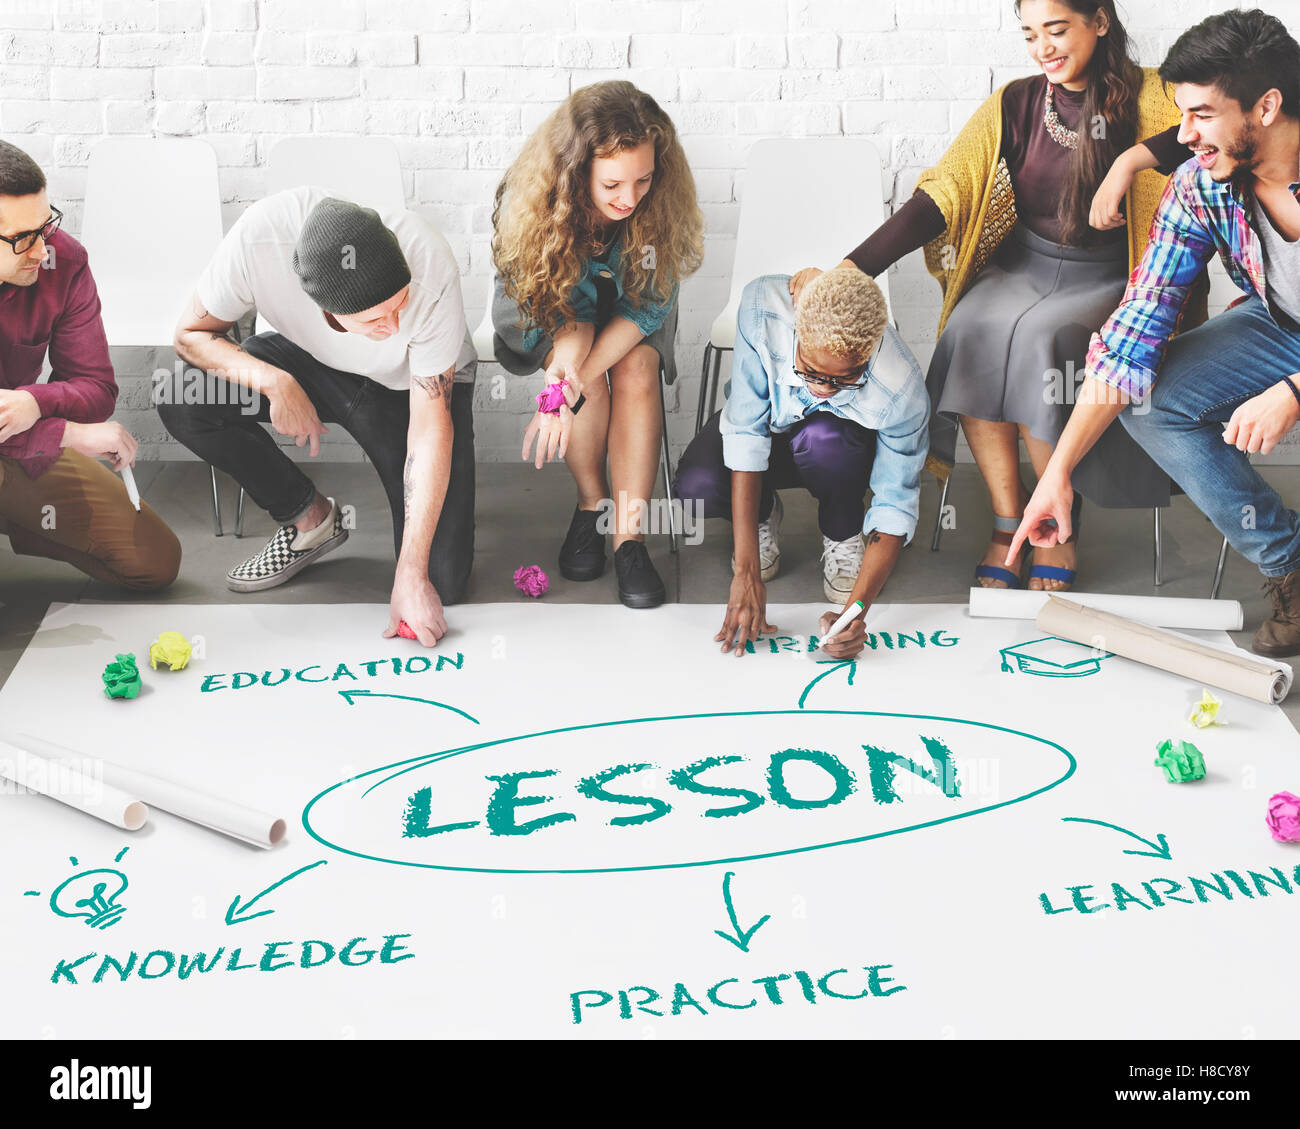 Perfección Edycation éxito Estudio concepto de conocimiento Imagen De Stock